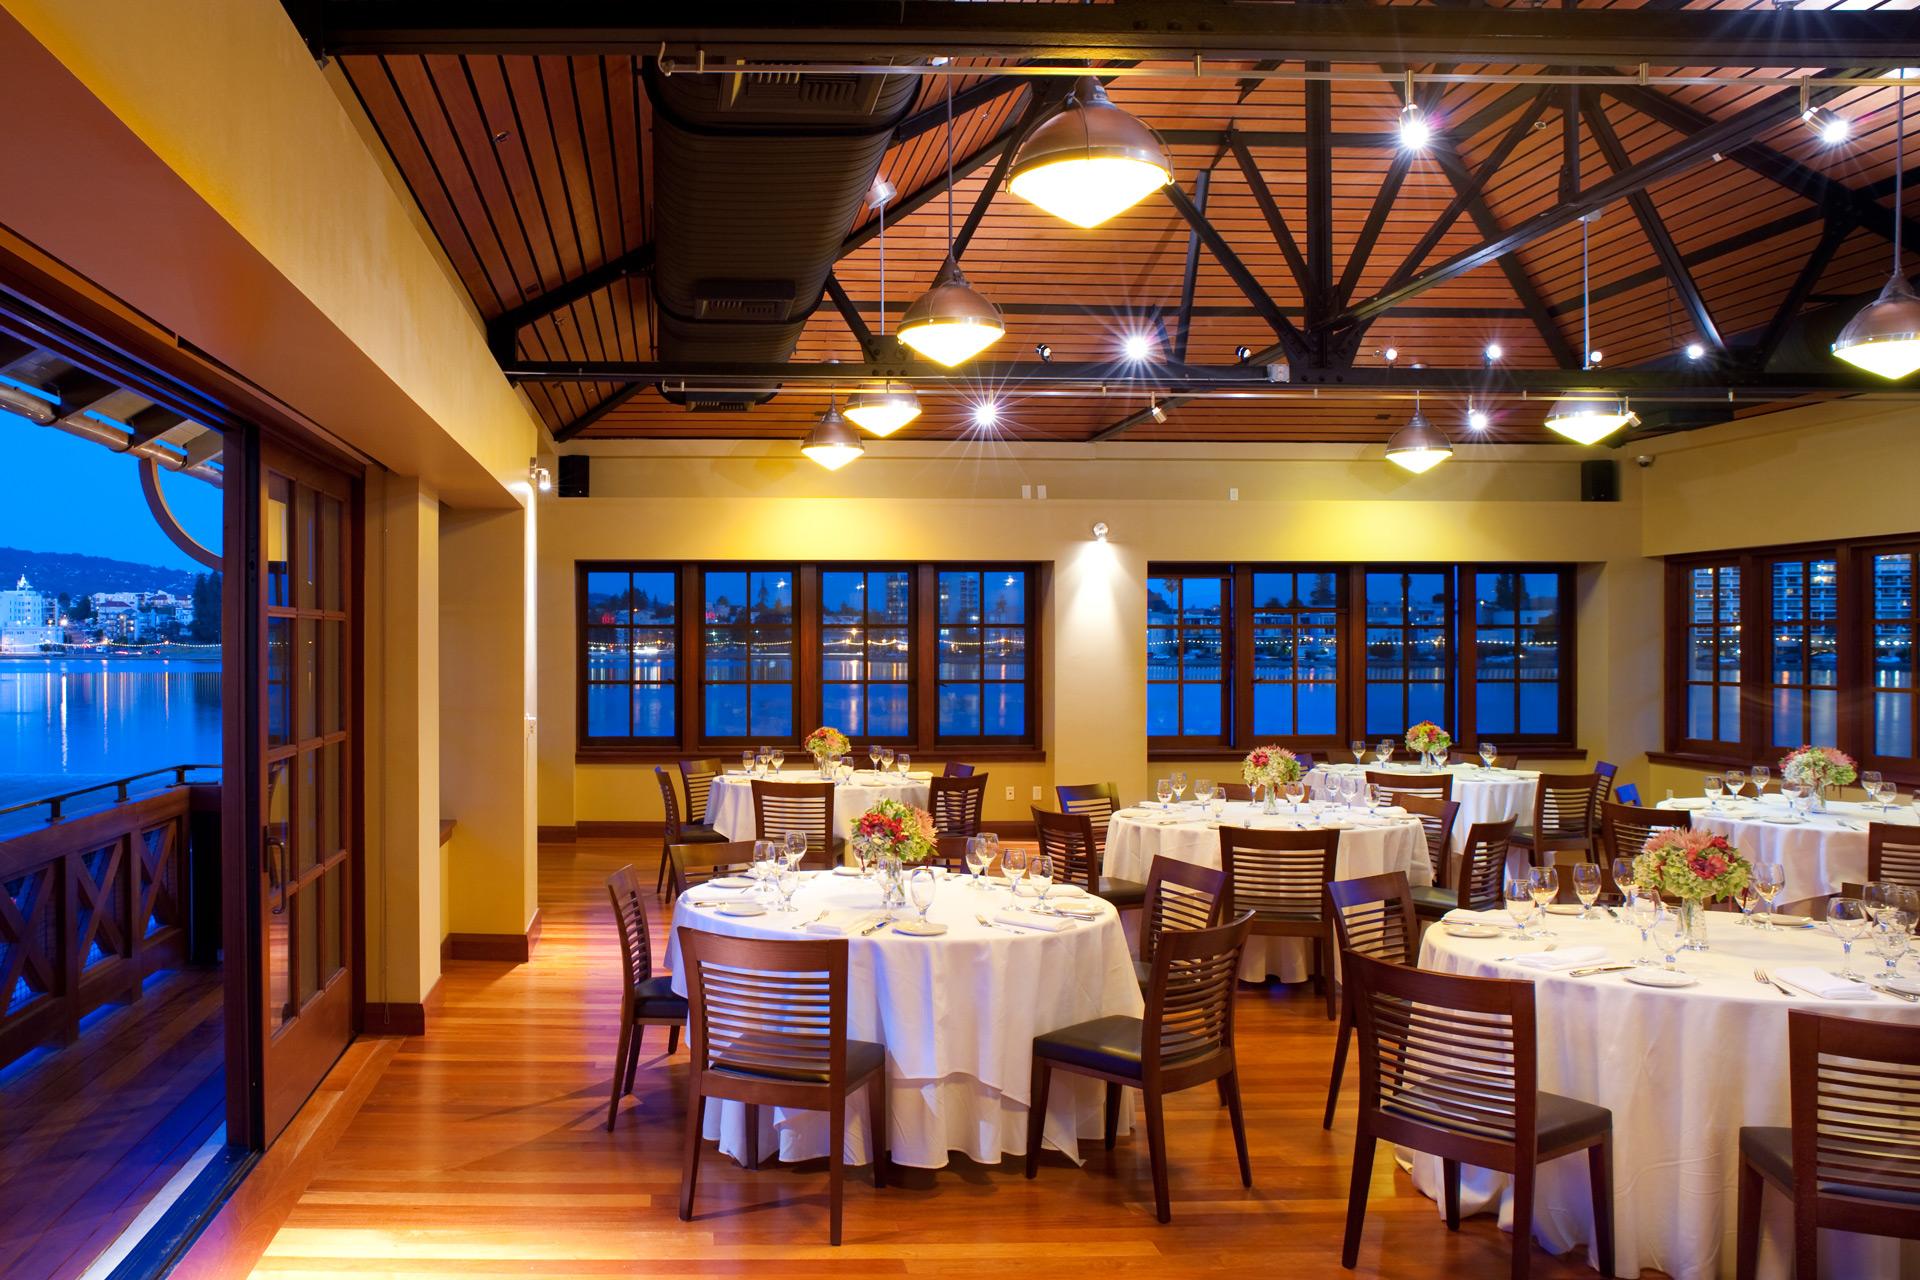 Lake Chalet restaurant bet designer